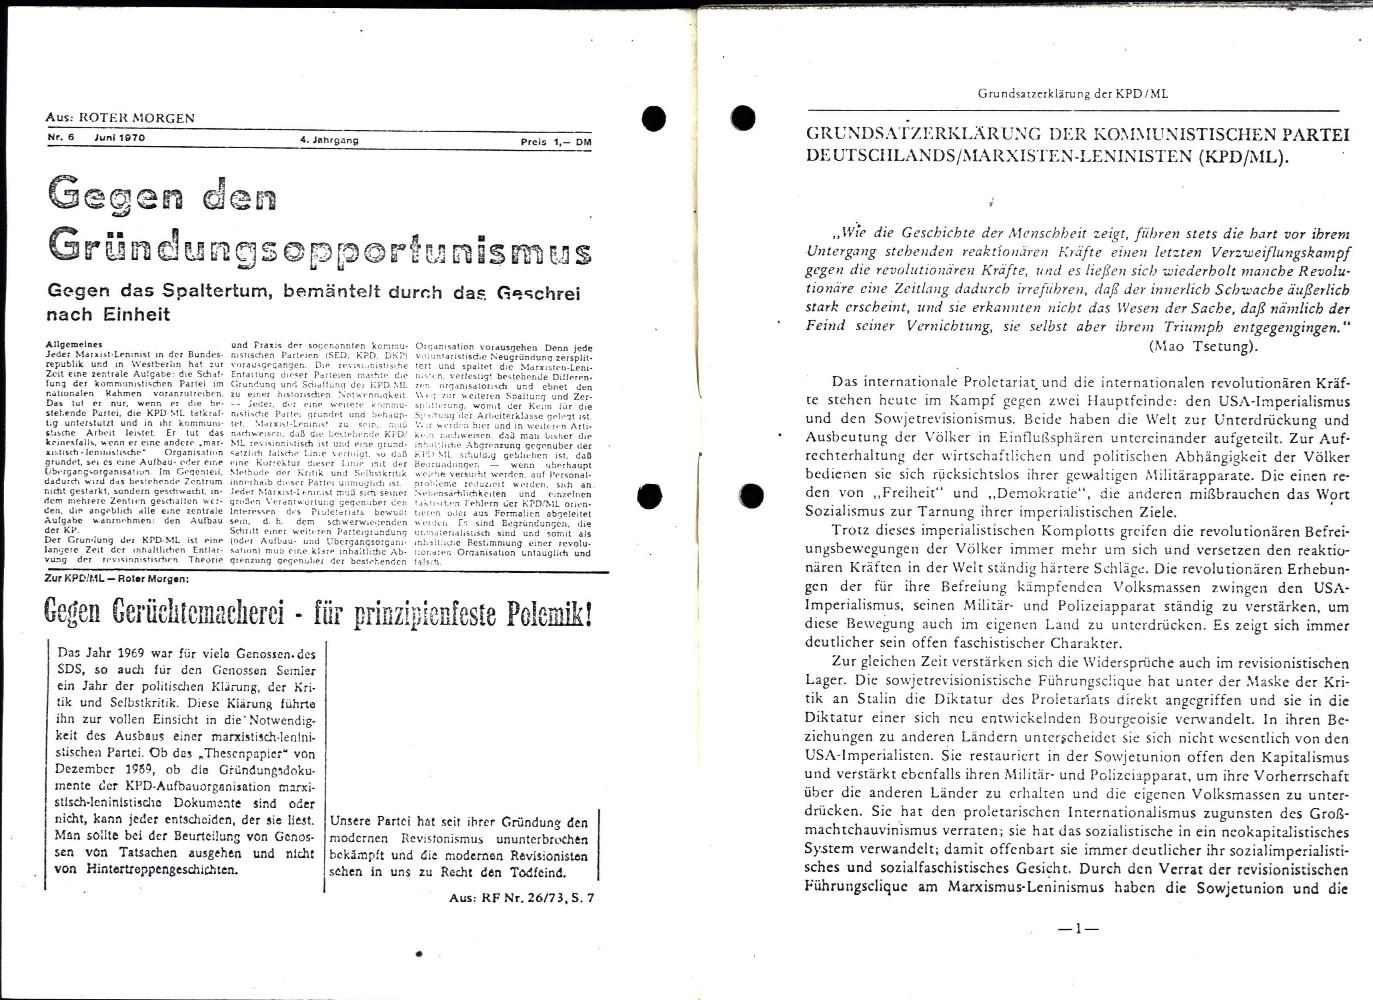 KPDML_1976_Dokumente_zur_Gruendung_02